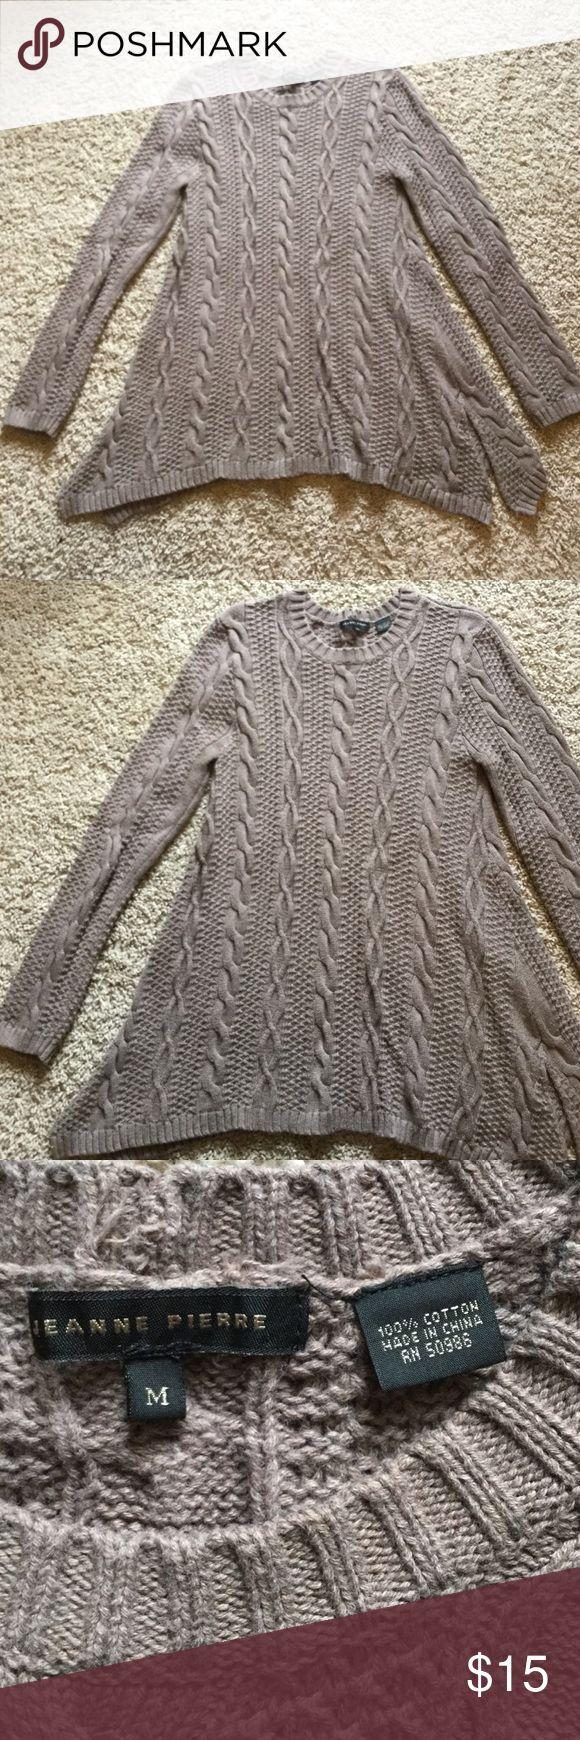 Jeanne Pierre cable knit sweater M Jeanne Pierre cable knit sweater. Size medium. 100% cotton. Good condition Jeanne Pierre Sweaters